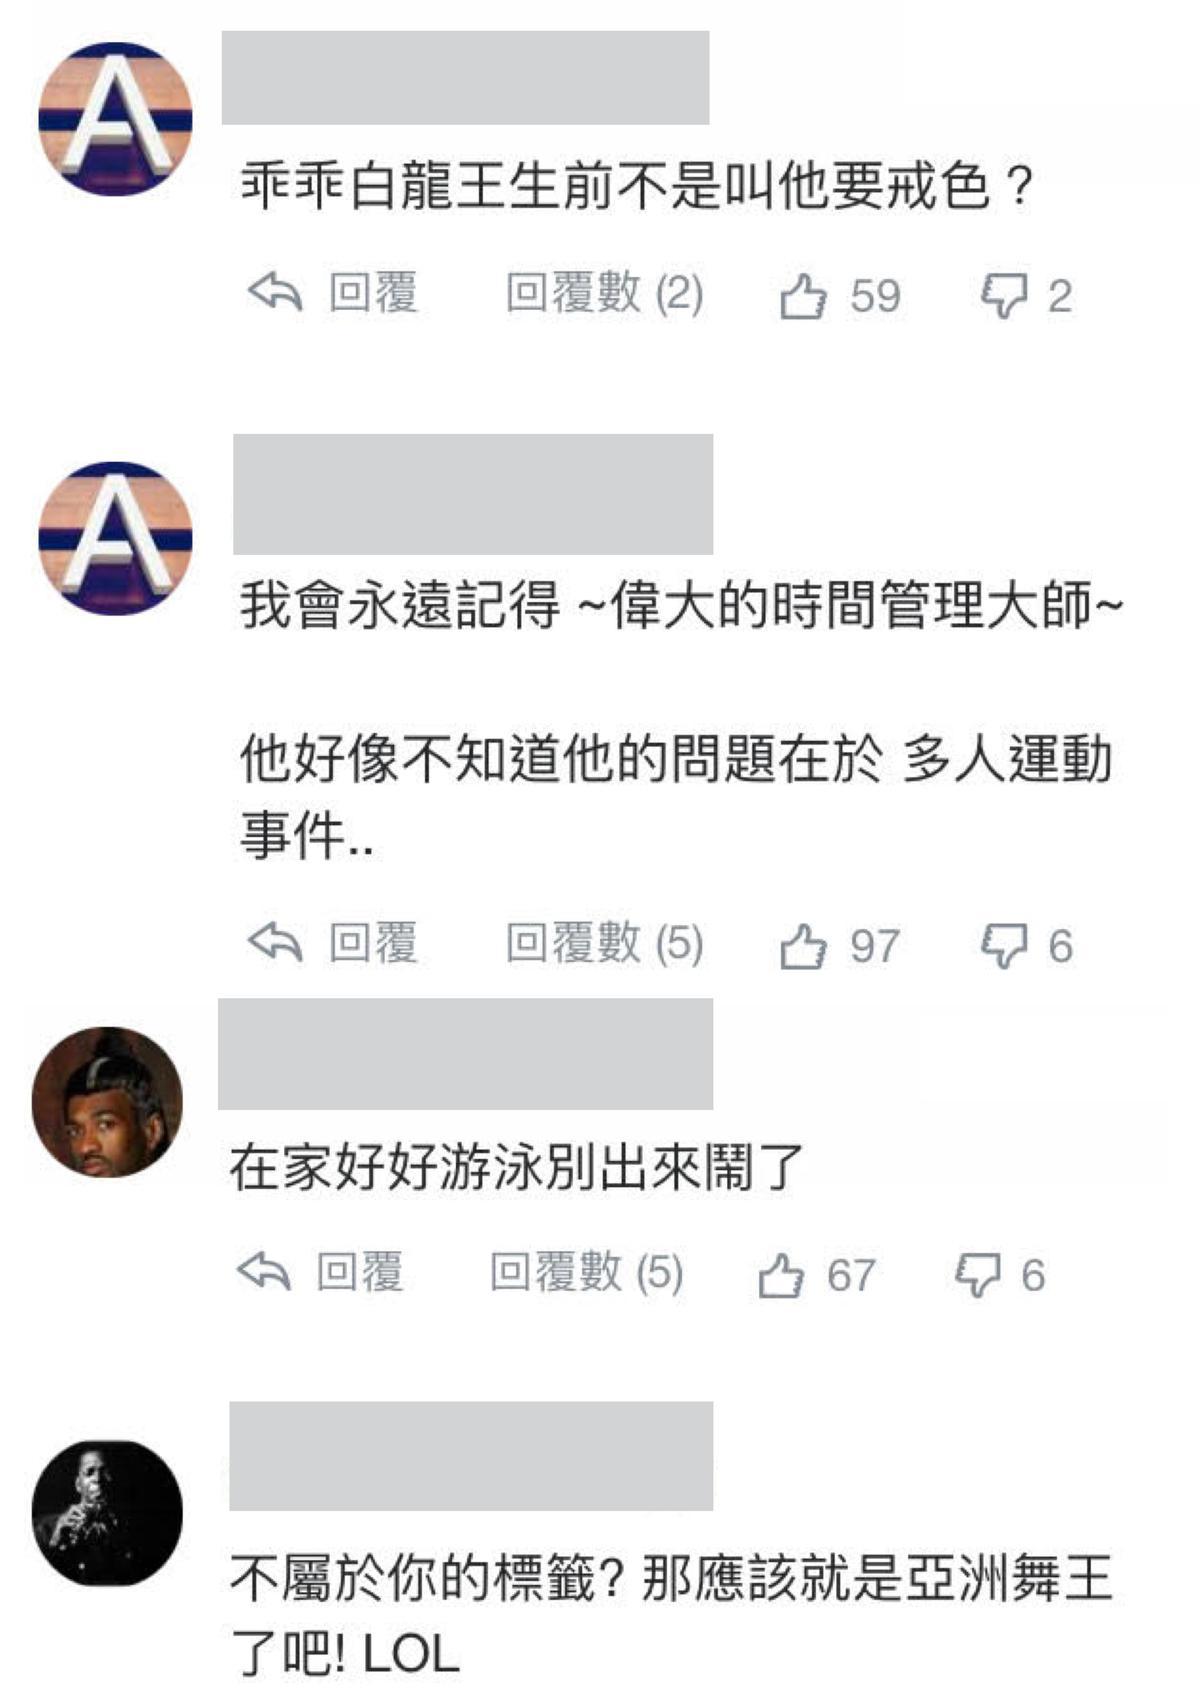 對於羅志祥「請大家把不屬於我的標籤撕掉」,酸民回應超狠:「那應該就是亞洲舞王了吧!」(翻攝自Yahoo!奇摩)